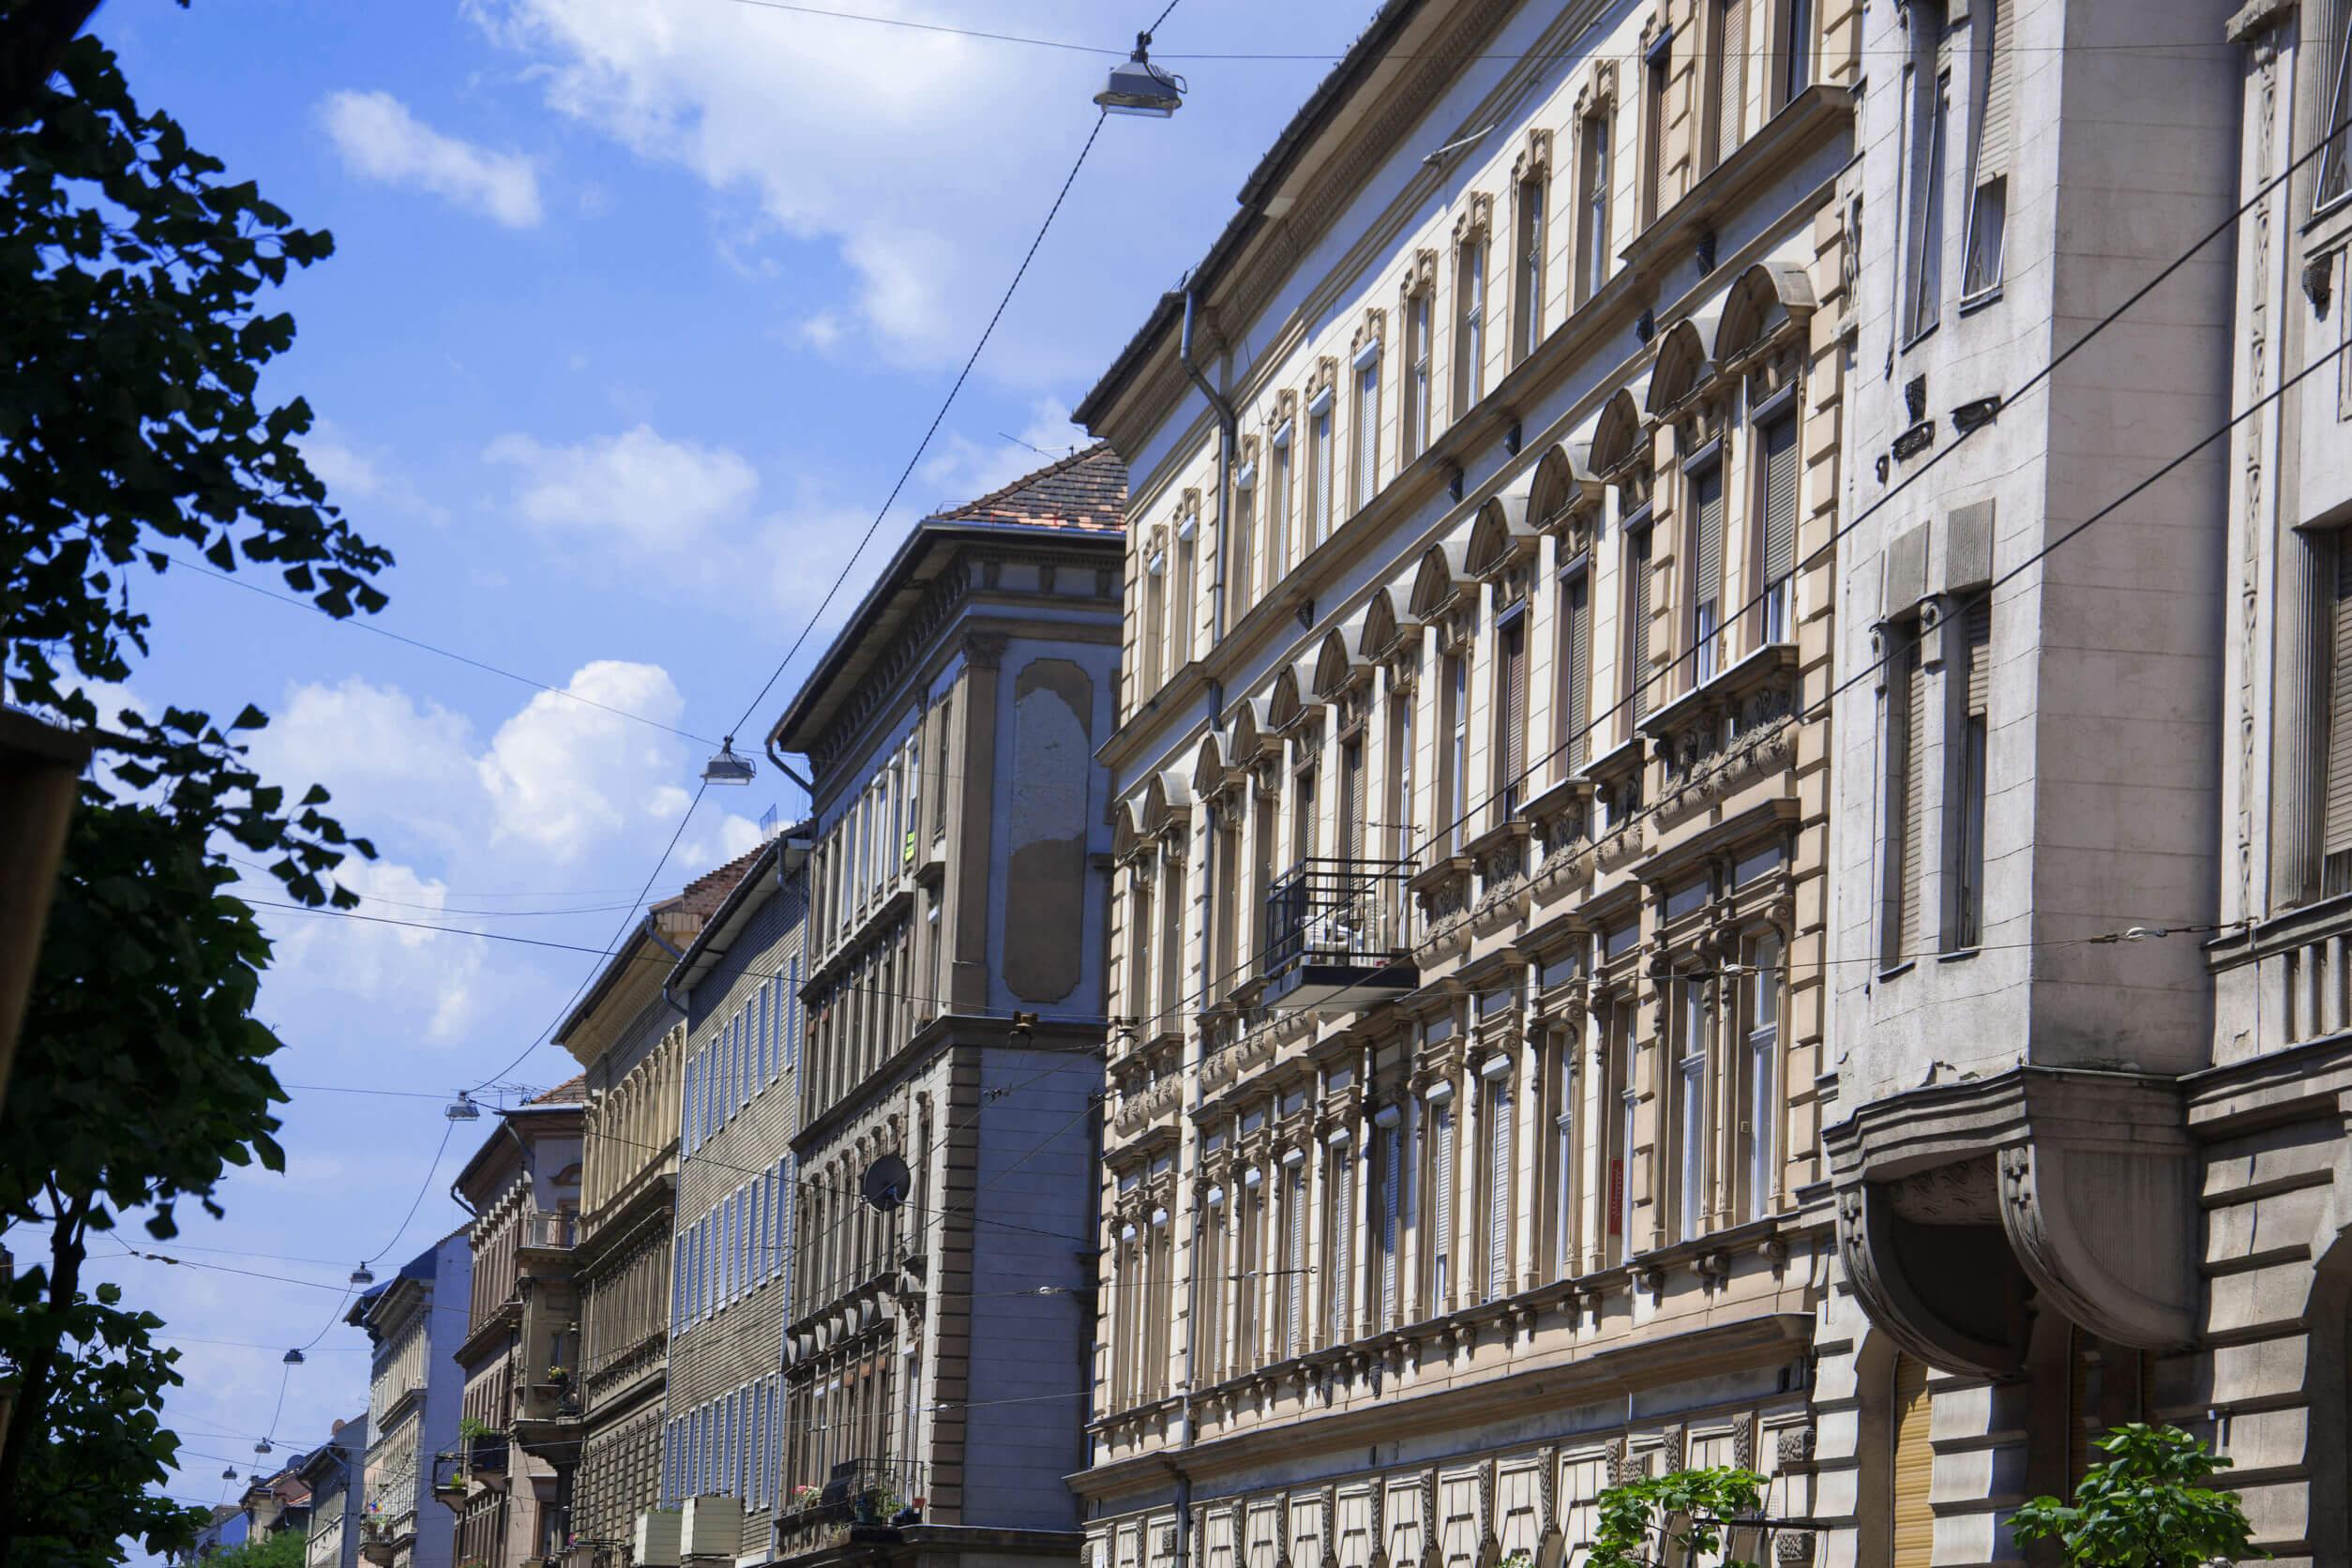 Pest kedvence: a Ráday utca